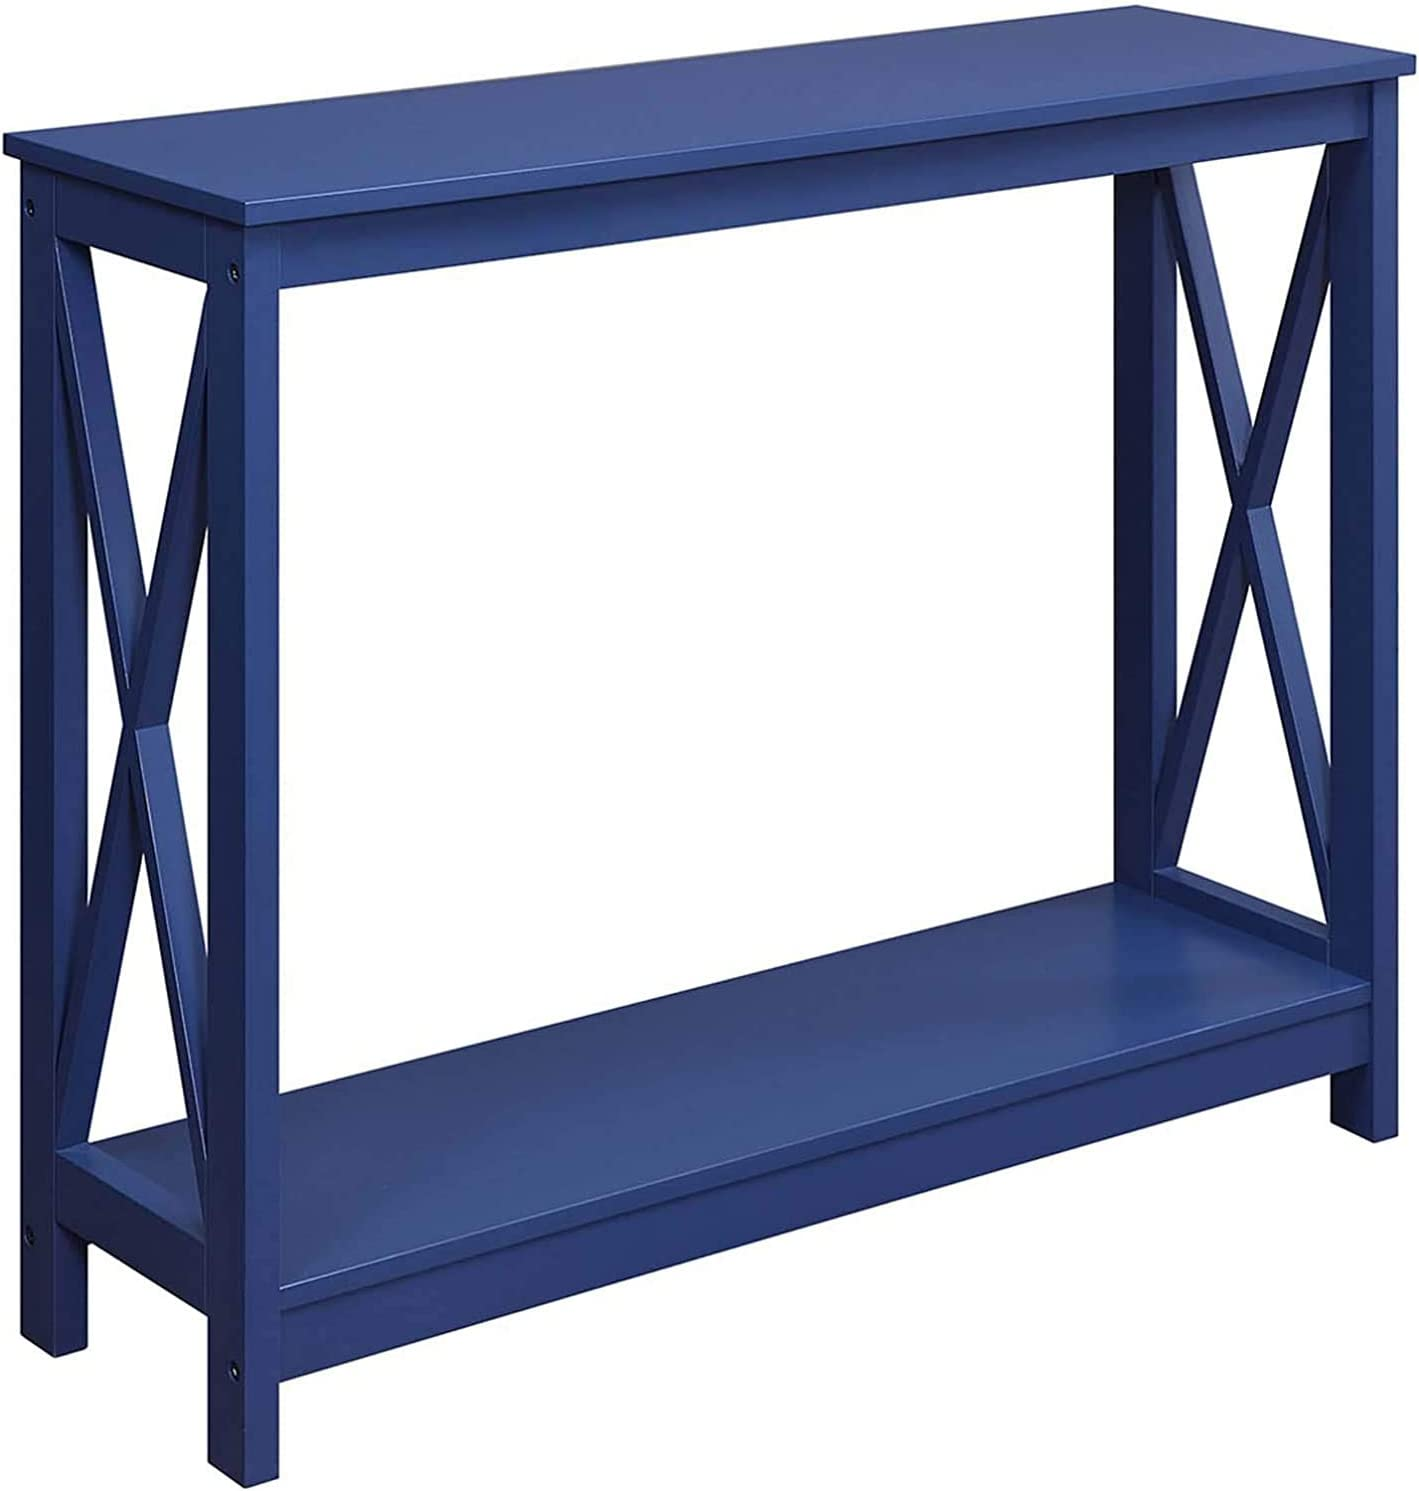 Convenience Concepts Oxford Console Table, Cobalt Blue